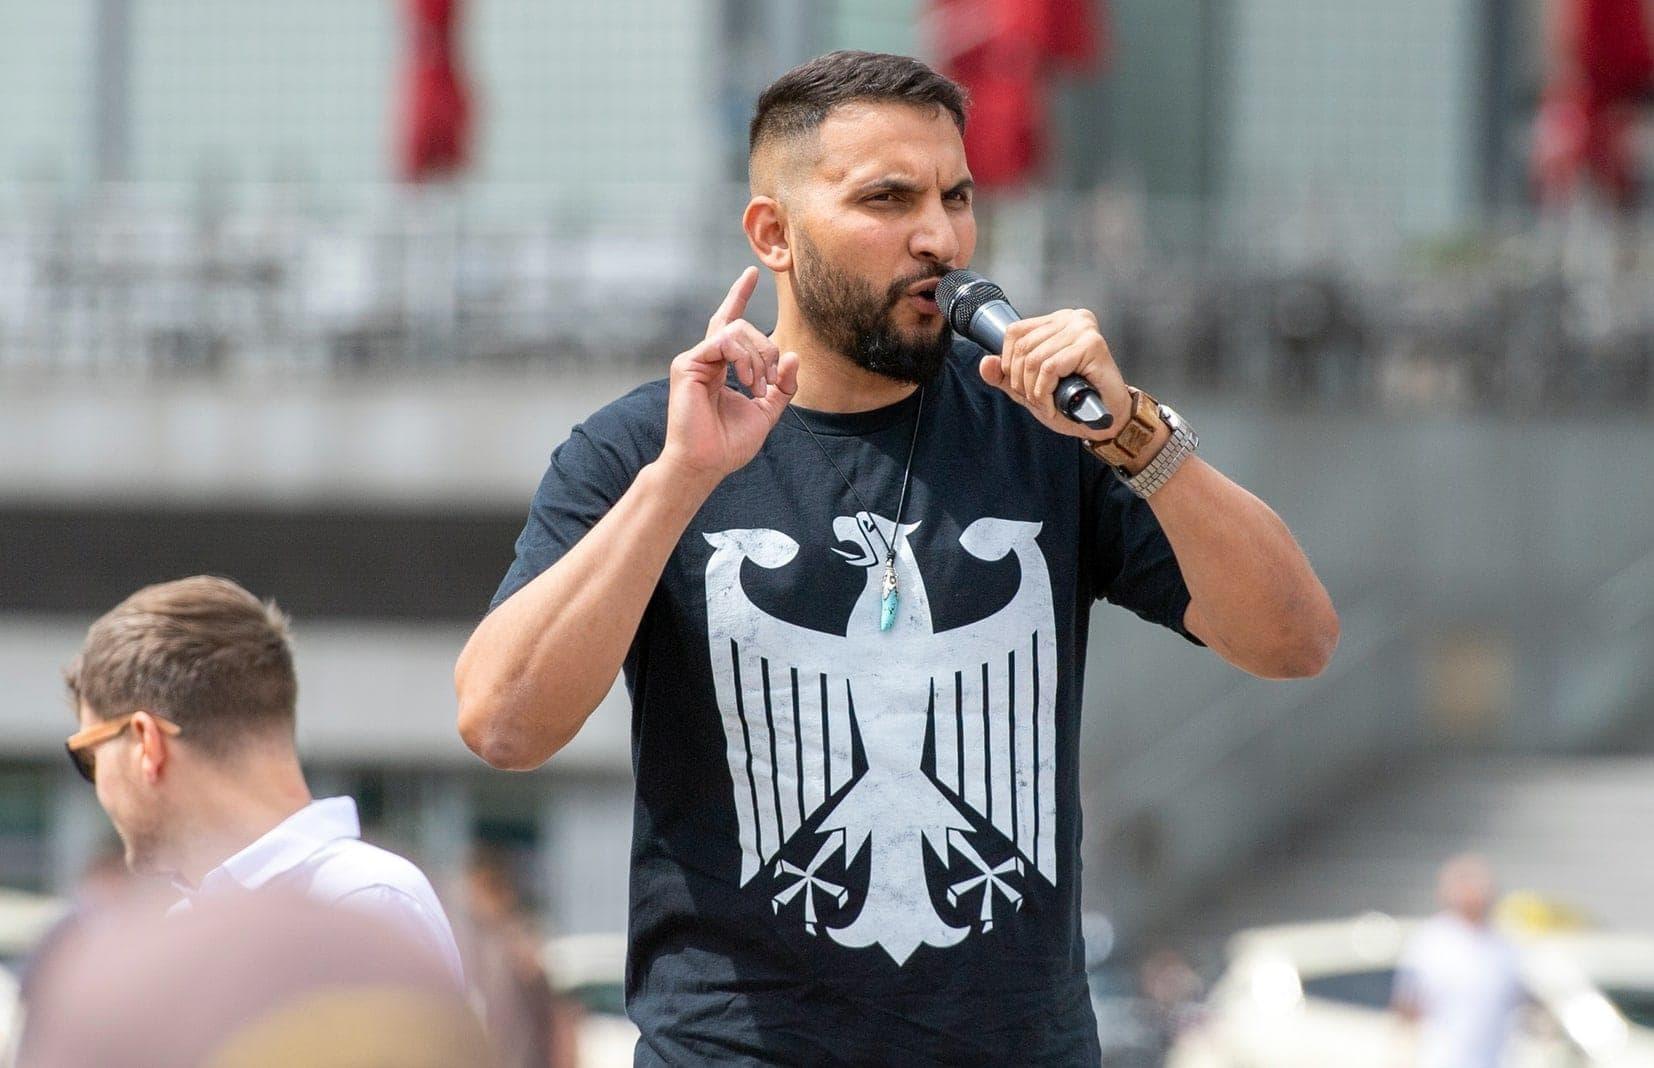 """Haftbefehl nicht vollstreckt: Attila Hildmann schickt Staatsanwaltschaft """"sonnige Grüße aus der Türkei"""""""